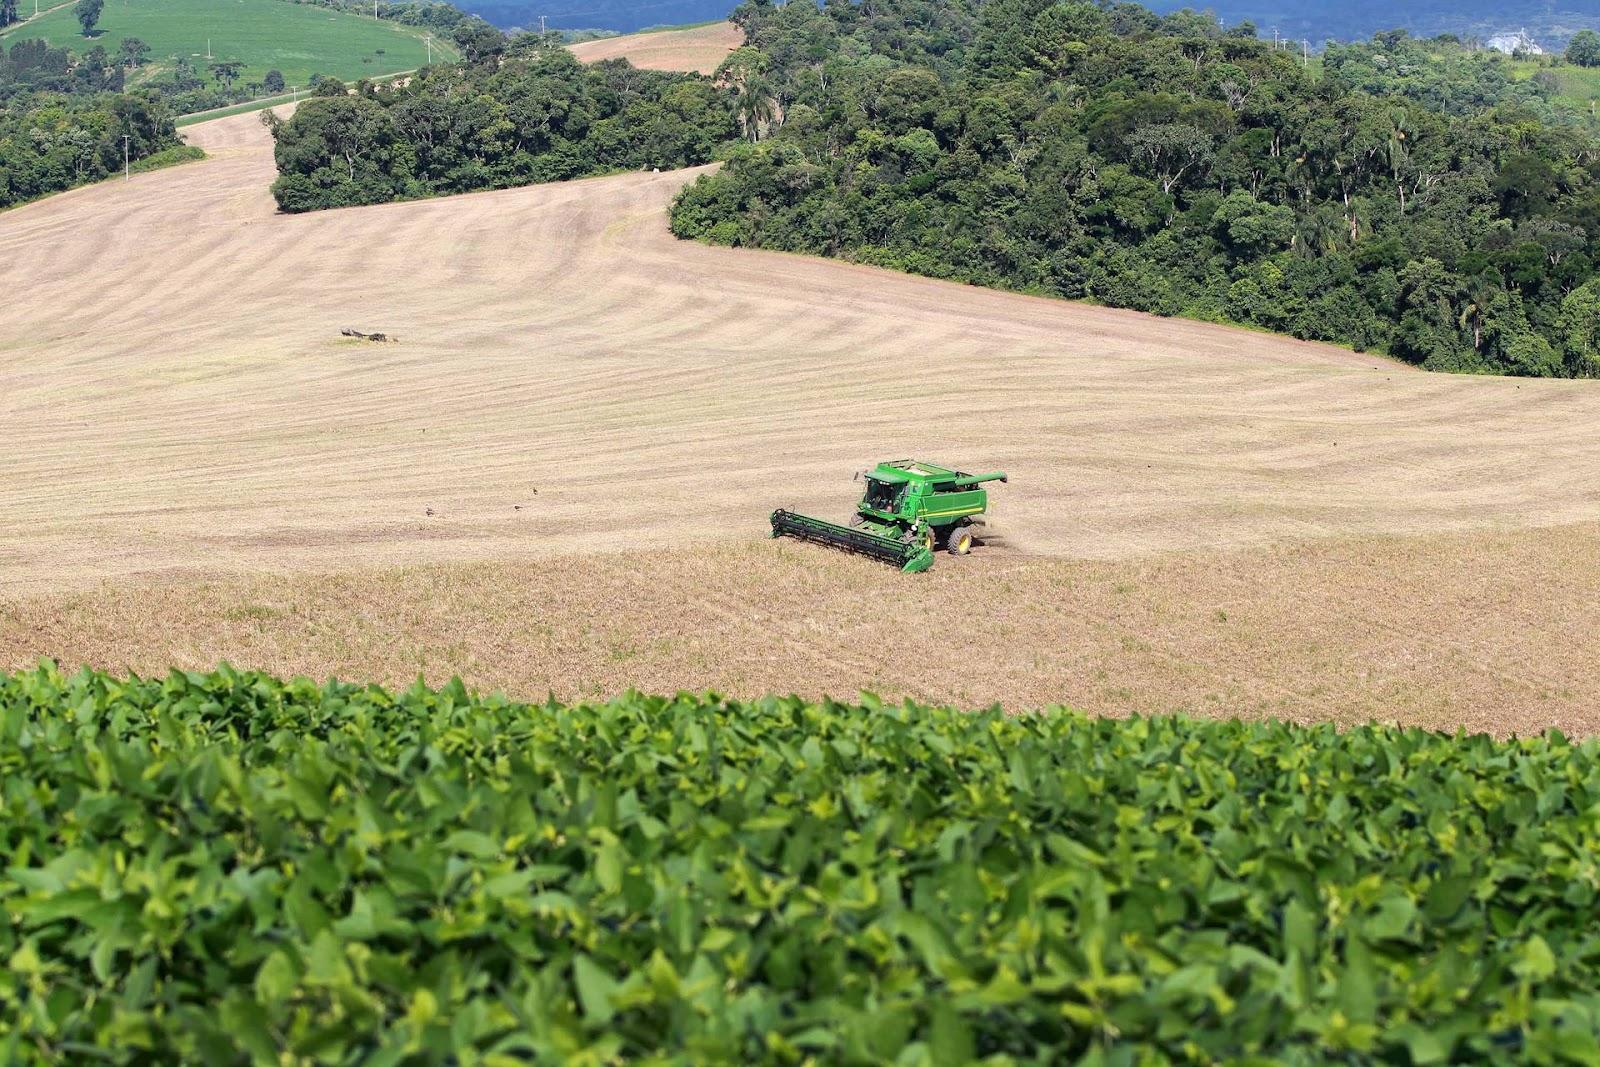 Cerca de 80% das lavouras do segundo ciclo de feijão do Paraná já foram colhidas. (Fonte: Agência Estadual de Notícias do Paraná/Gilson Abreu/Reprodução)